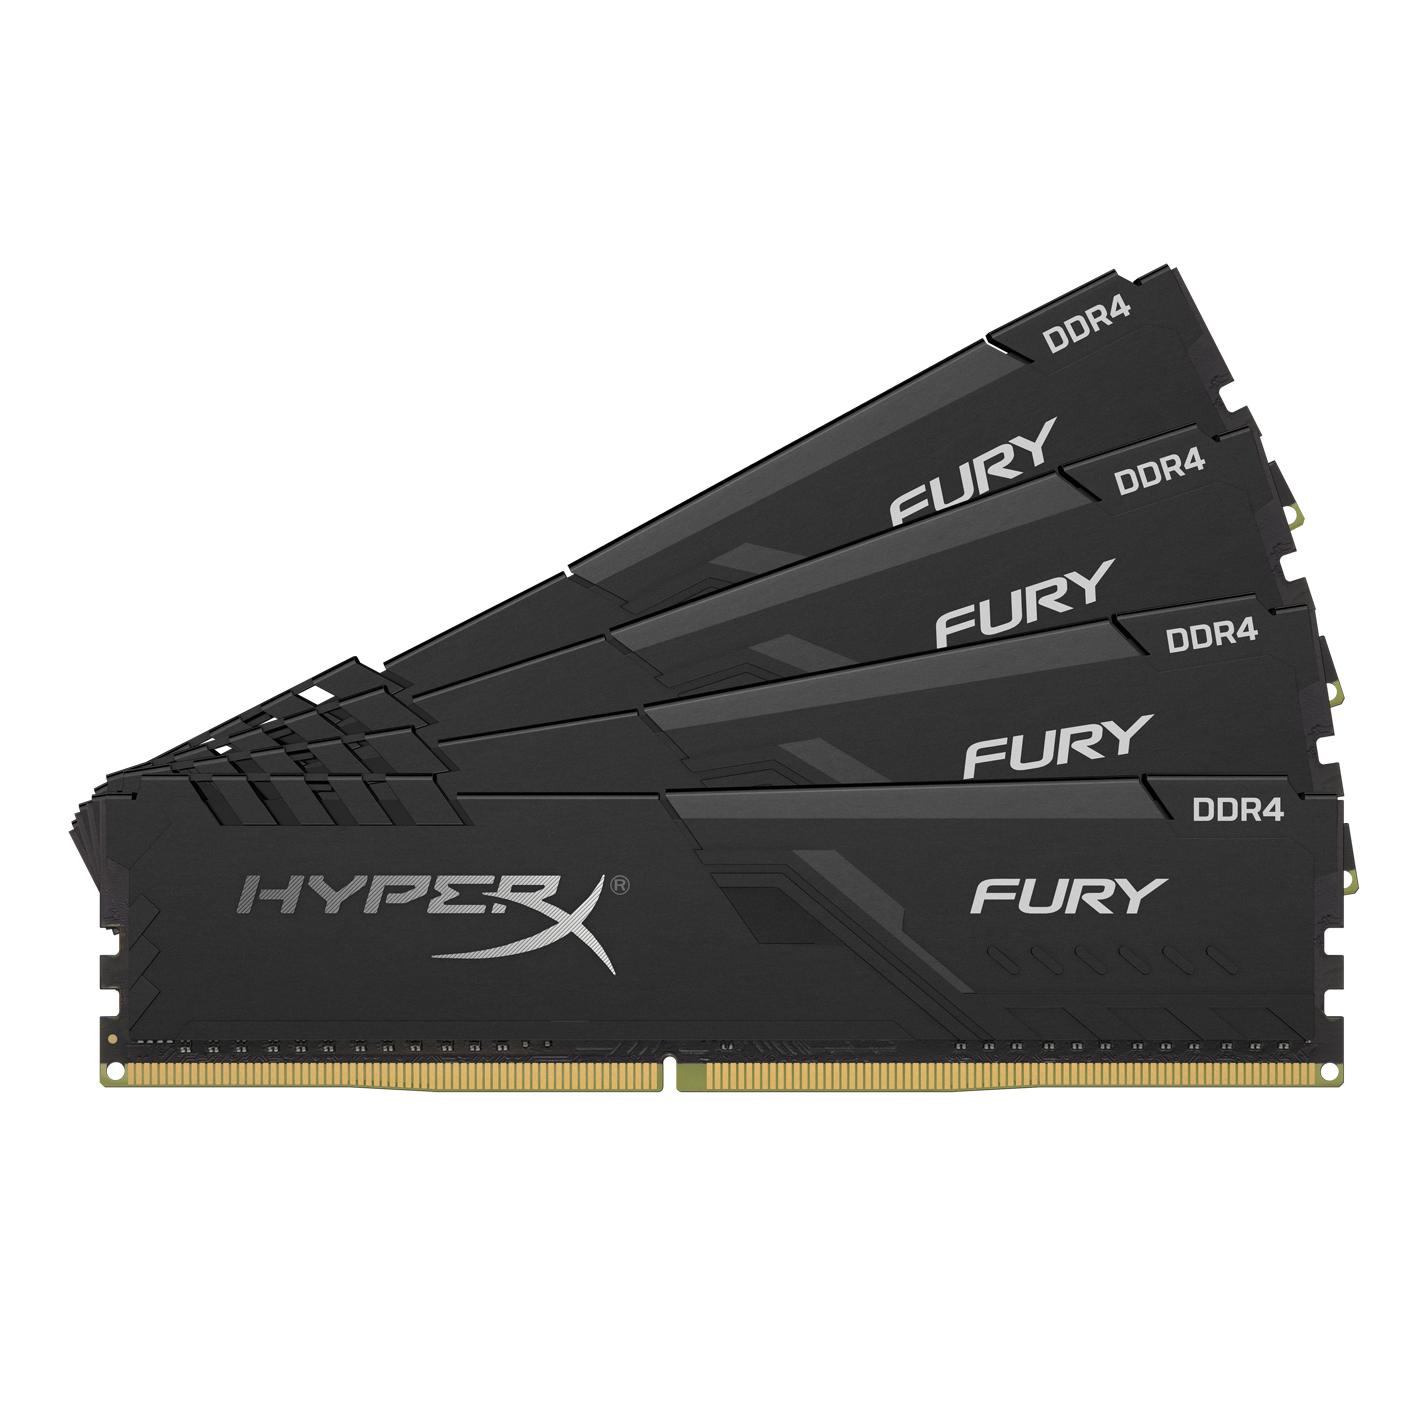 HyperX FURY HX424C15FB3K4/16 memory module 16 GB DDR4 2400 MHz